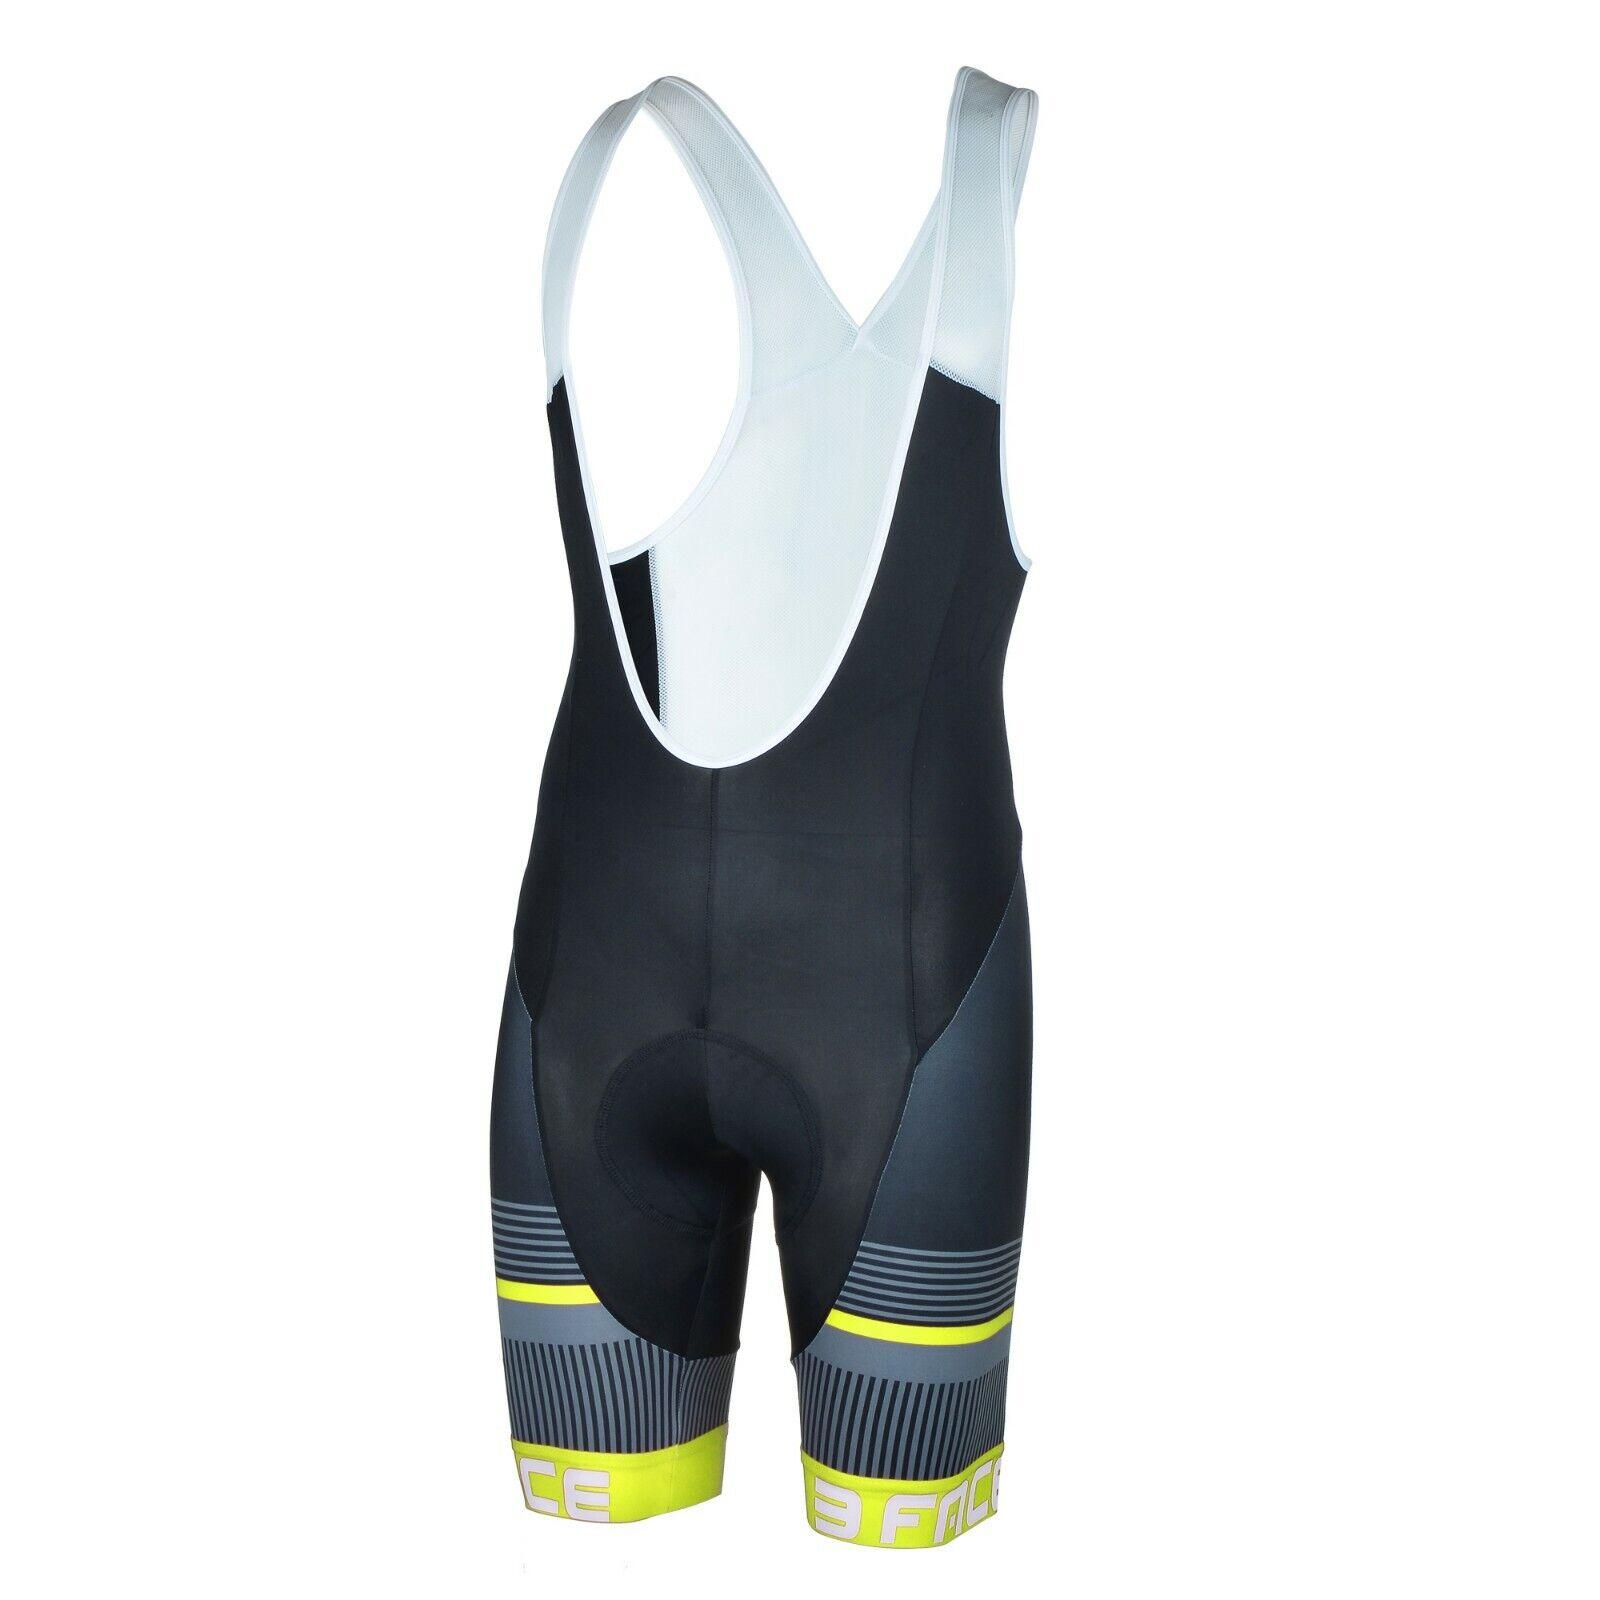 Pantaloncino corto con bretelle estivo salopette ciclismo bici giallo fluo Deal